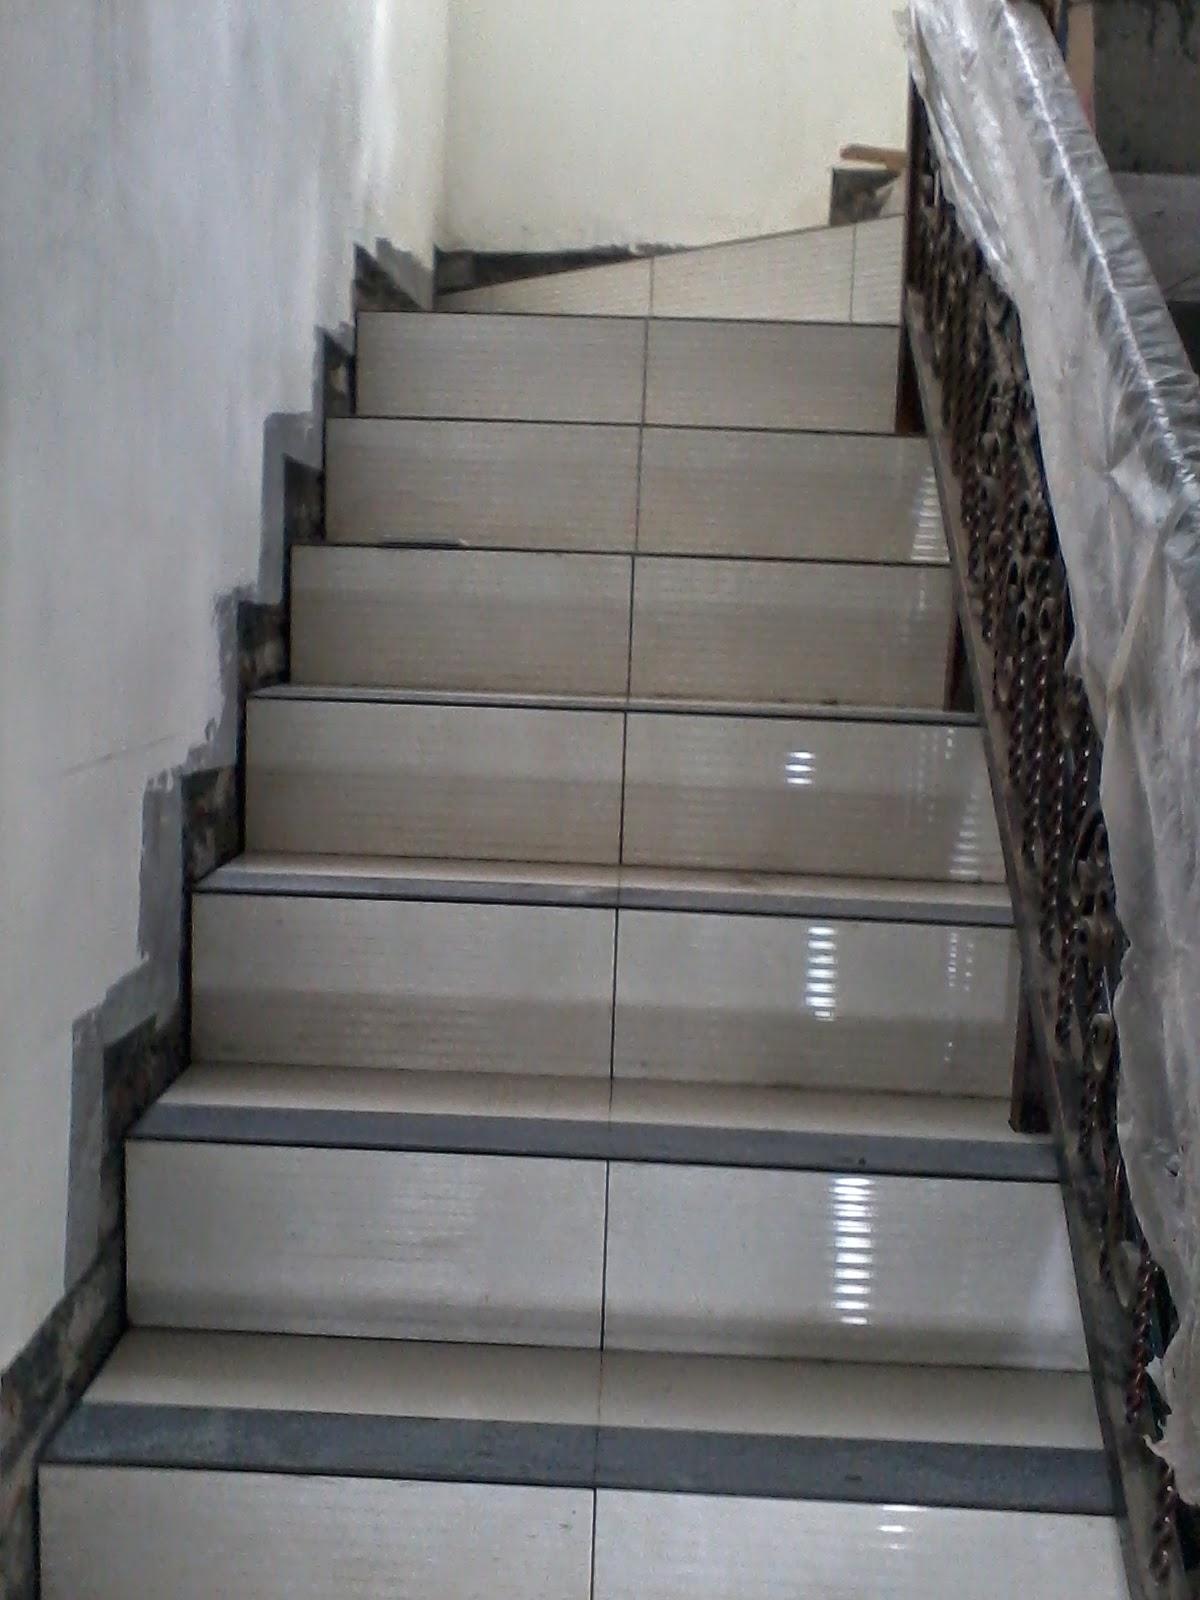 30 Keramik Tangga Agar Tidak Licin Motif Terbaru Contoh keramik untuk tangga